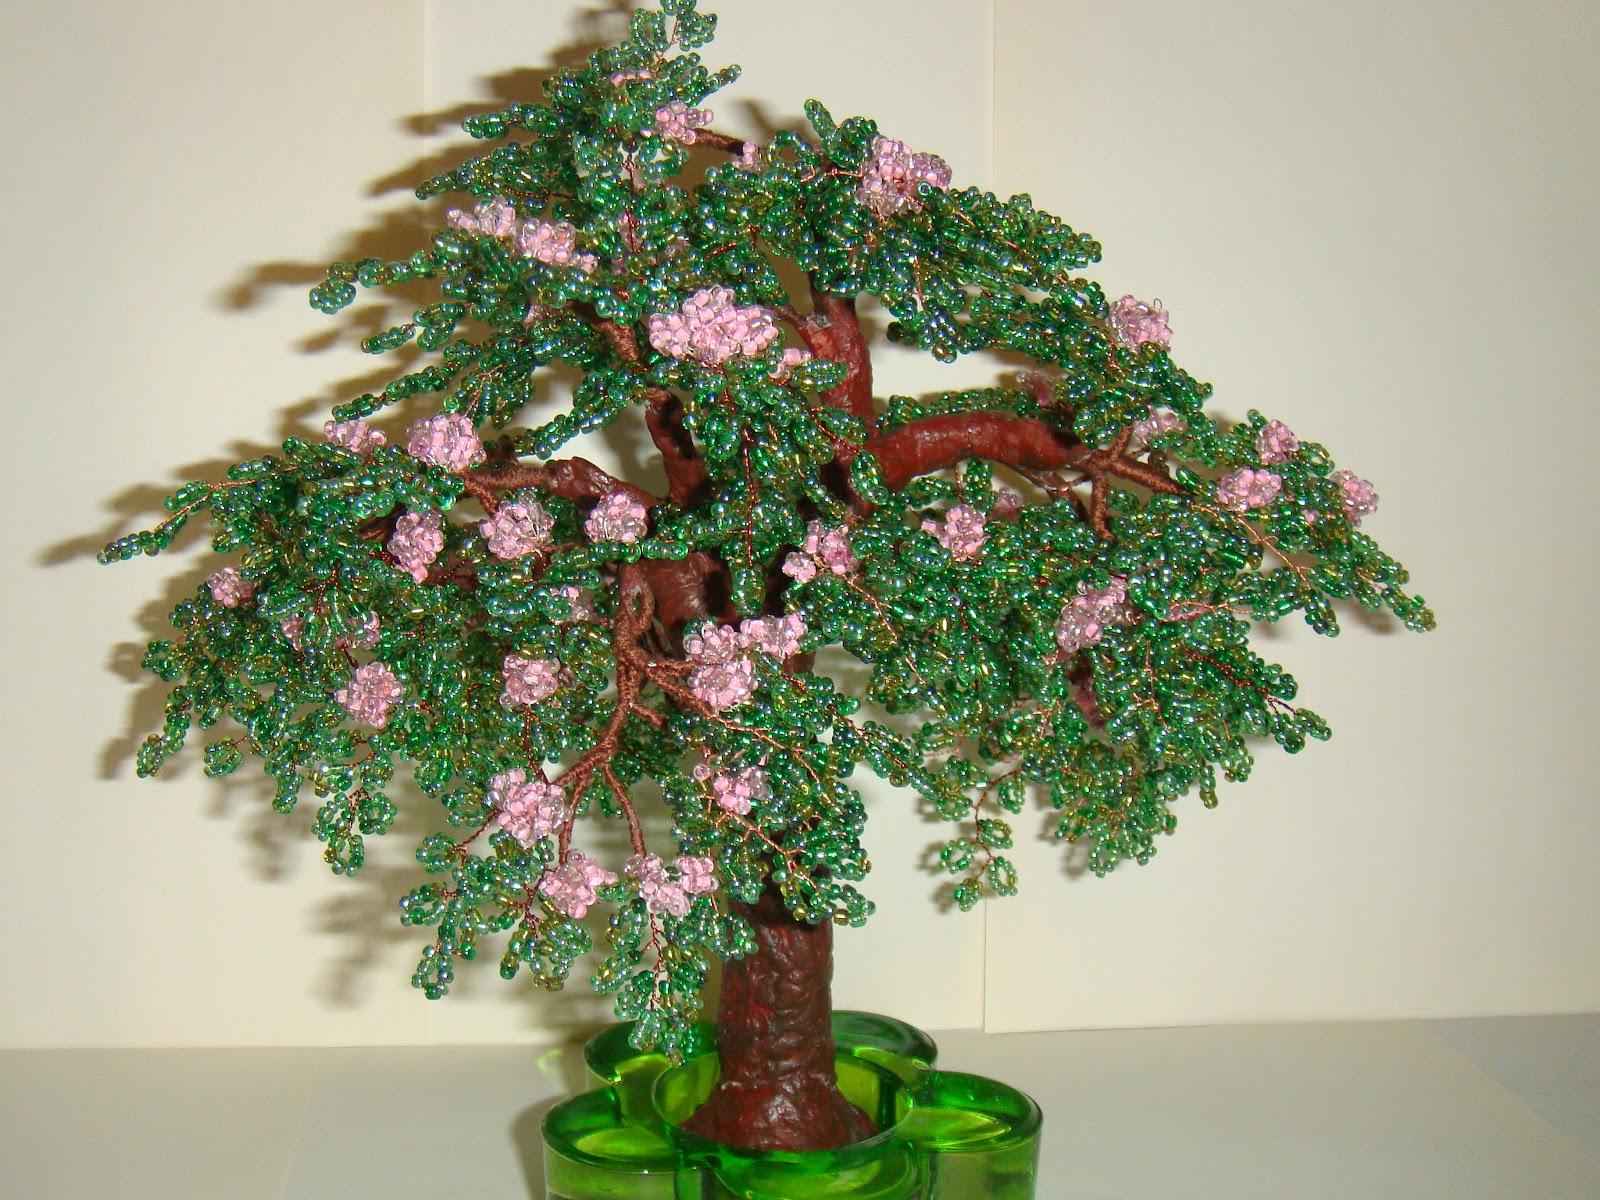 Заголовок сообщения: БОНСАИ, деревья, кустарники из бисера - МК, СХЕМЫ Оригинал этого мастер-класса Вы можете найти...